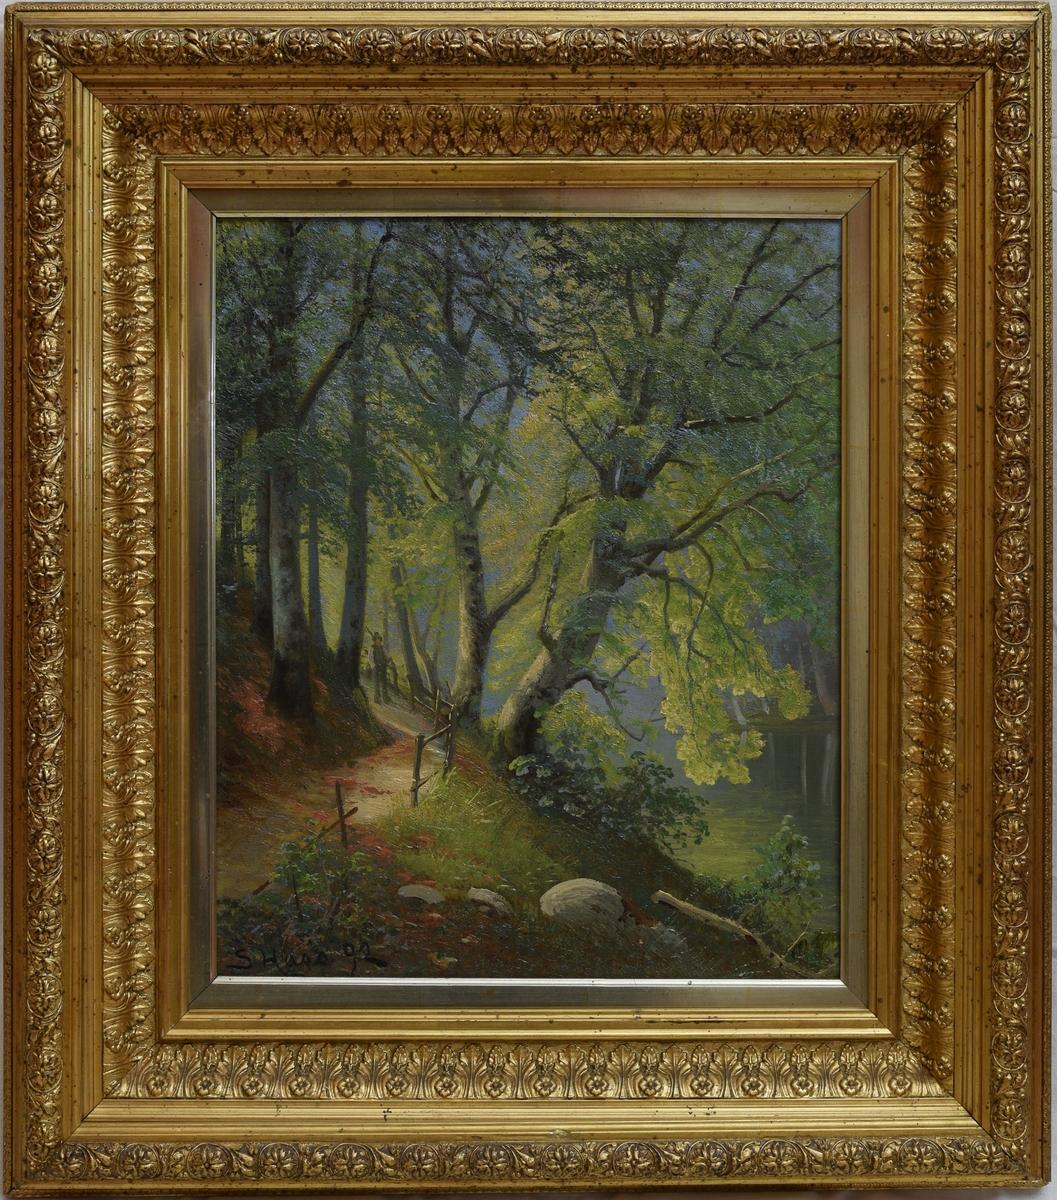 En sti med gjerde svinger rundt en liten kolle på venstre side. Flere trær vokser på kollen og danner mellomgrunnen i bildet. I bakgrunnen skimtes tåke og mer skog. En mann står på stien.